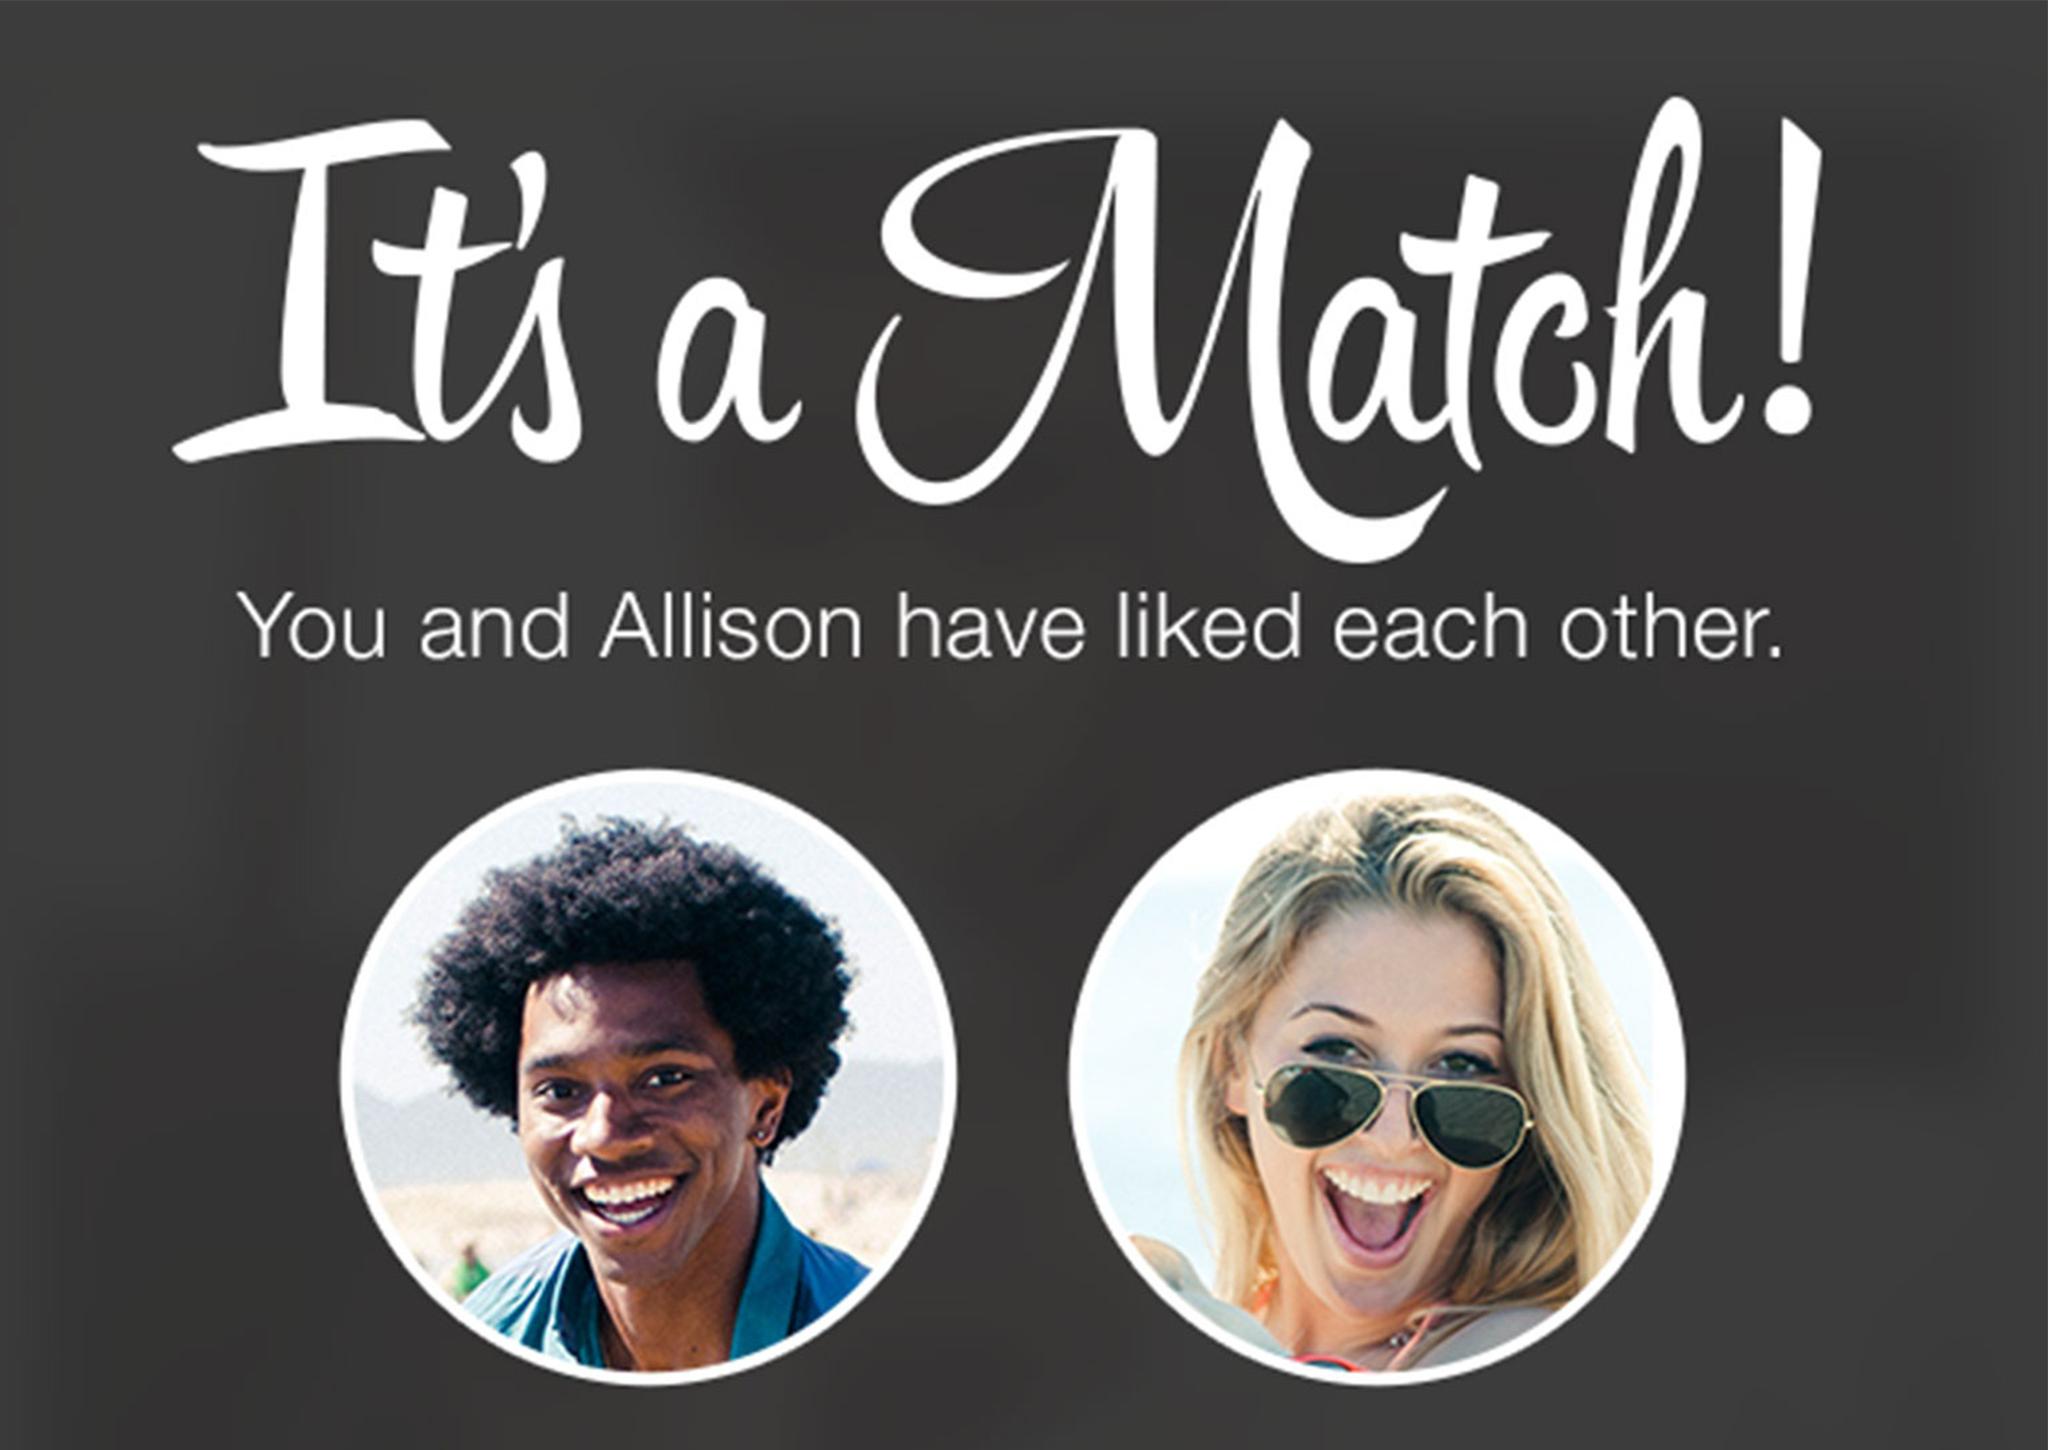 Elenco delle migliori applicazioni e siti Web per flirtare e fare amicizia 3